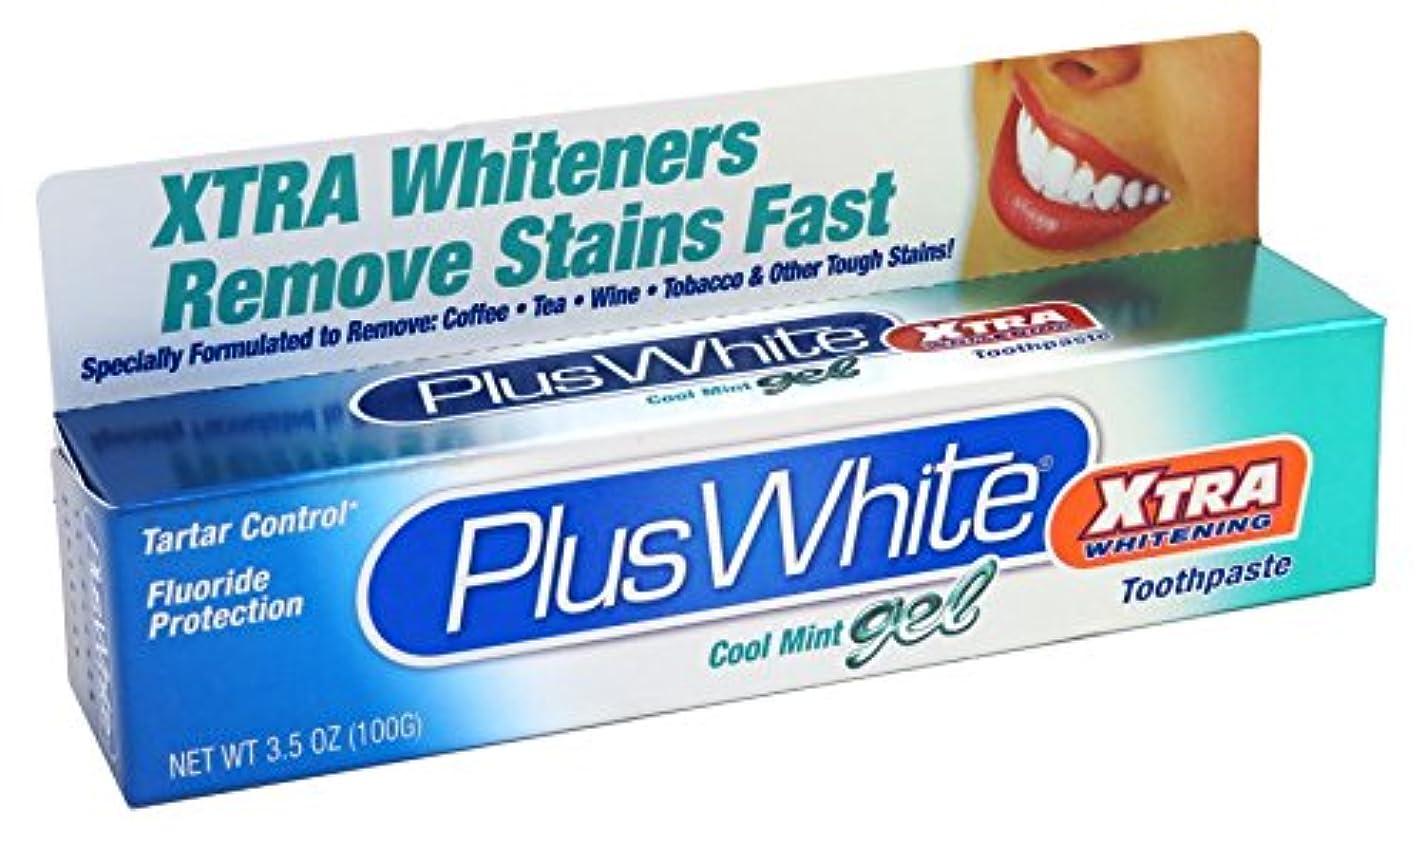 暗殺する光景気を散らす強力ホワイトニング歯磨きミントジェル 104ml (並行輸入品)